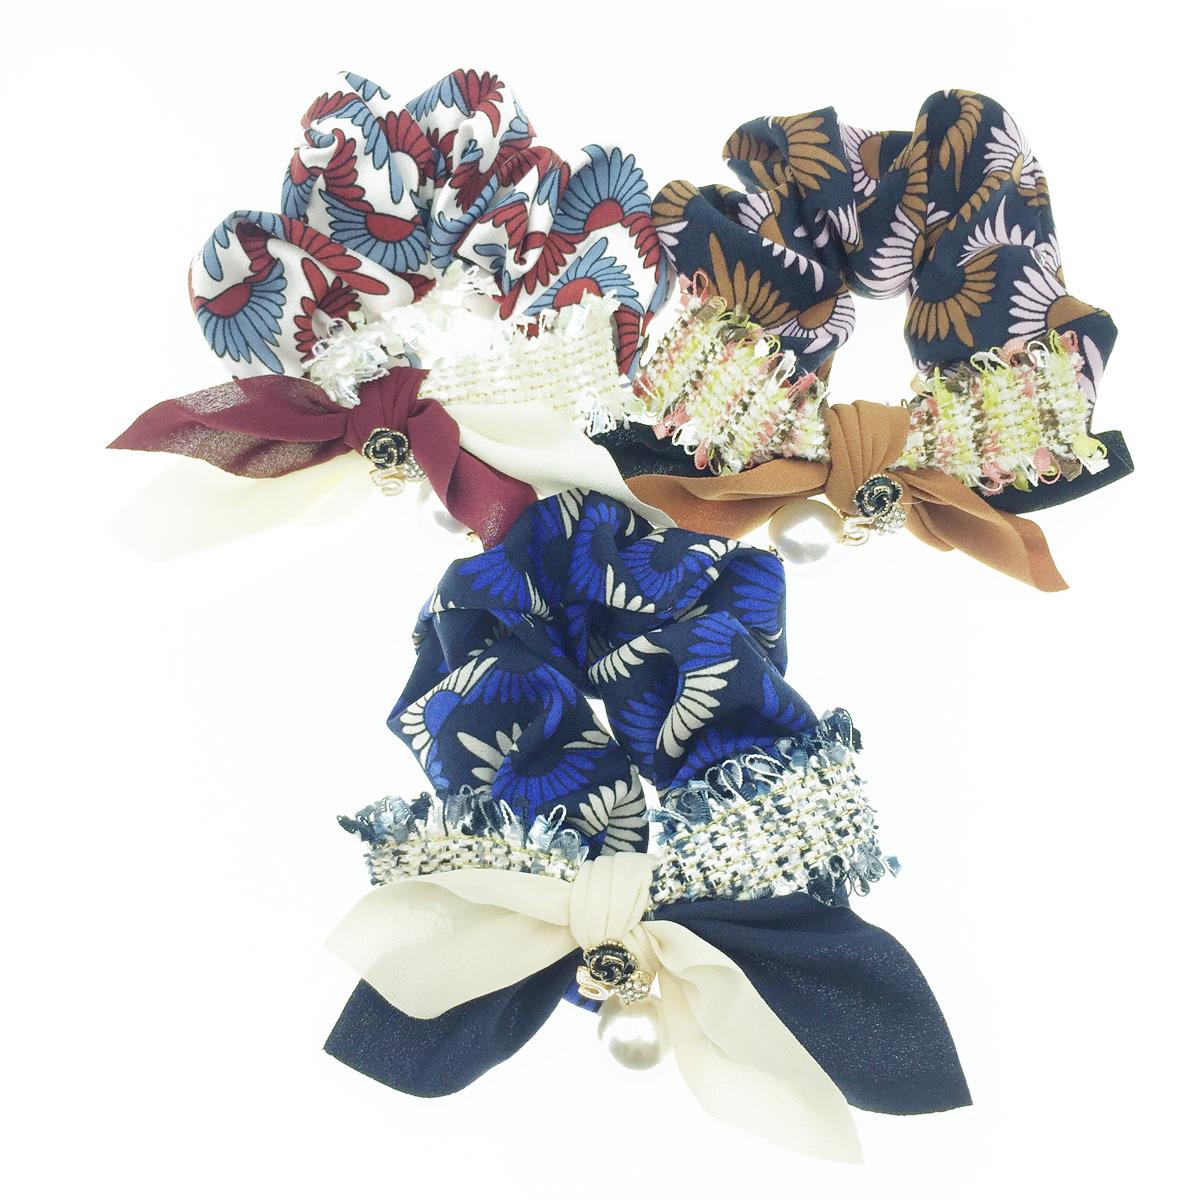 韓國 花圖騰 小香風 垂墜珍珠 水鑽 蝴蝶結 多色編織 三色 髮飾 髮圈 大腸圈